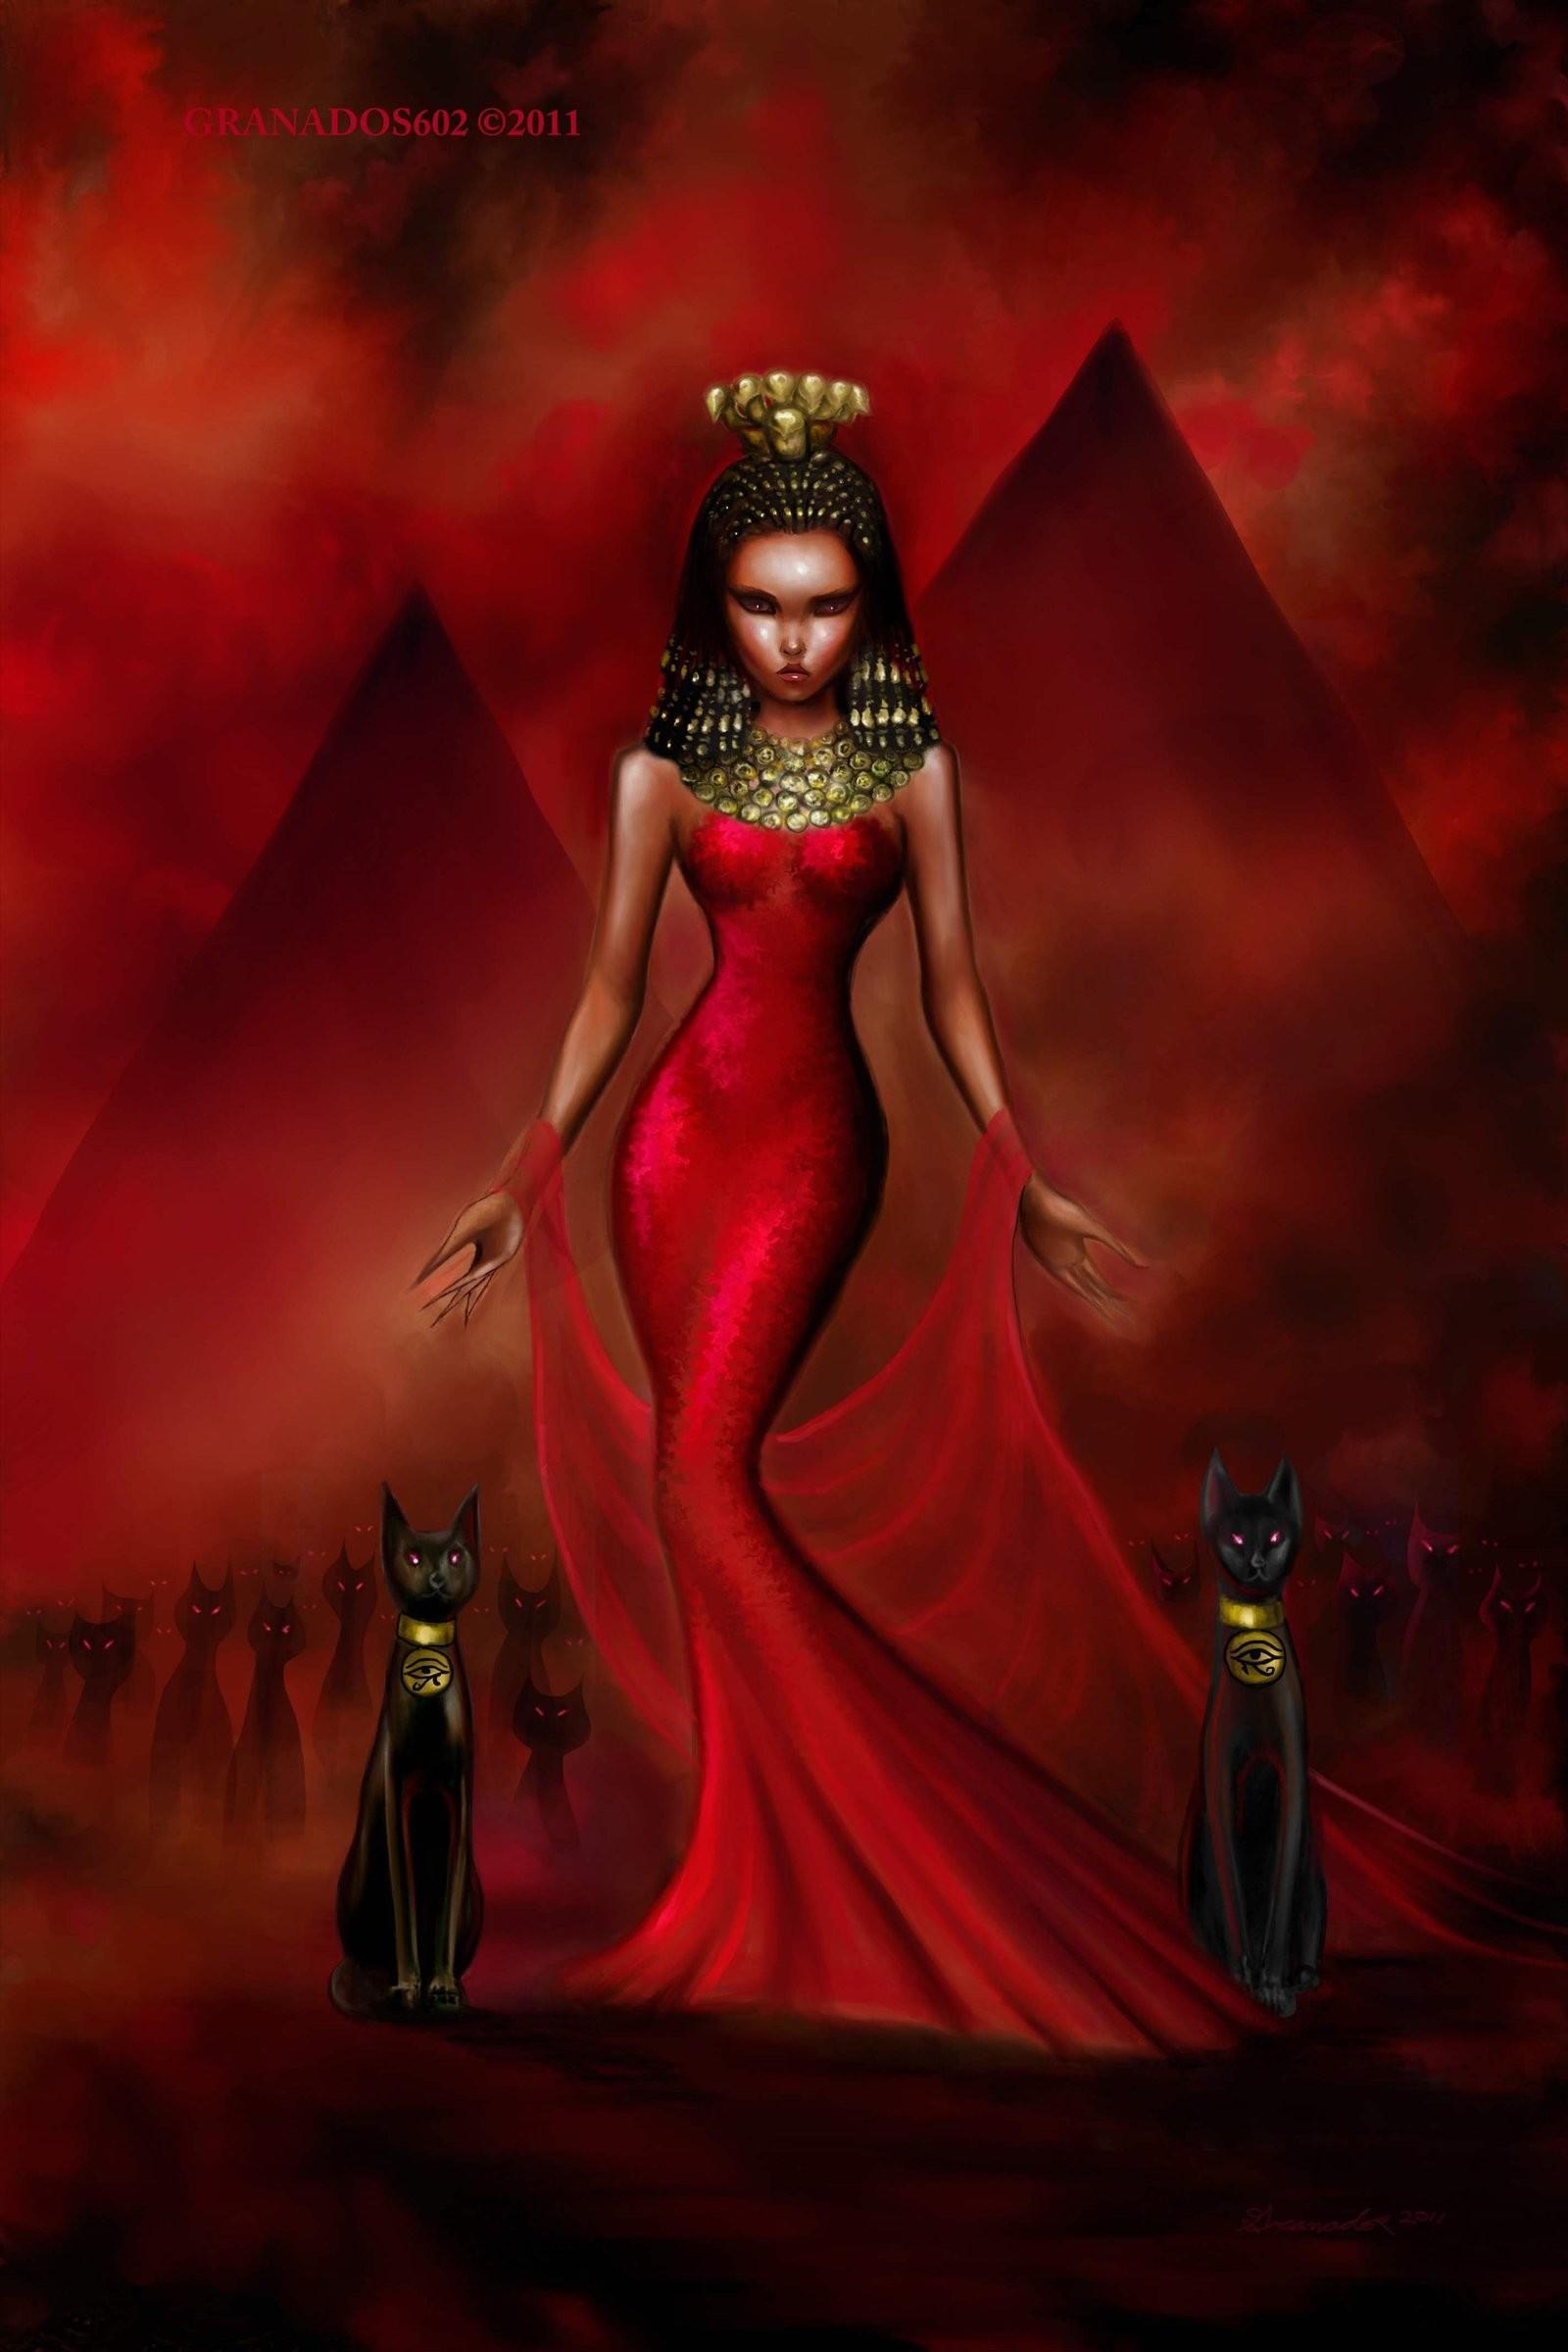 Bastet The Egyptian Cat Goddess by granados602.deviantart.com on @deviantART